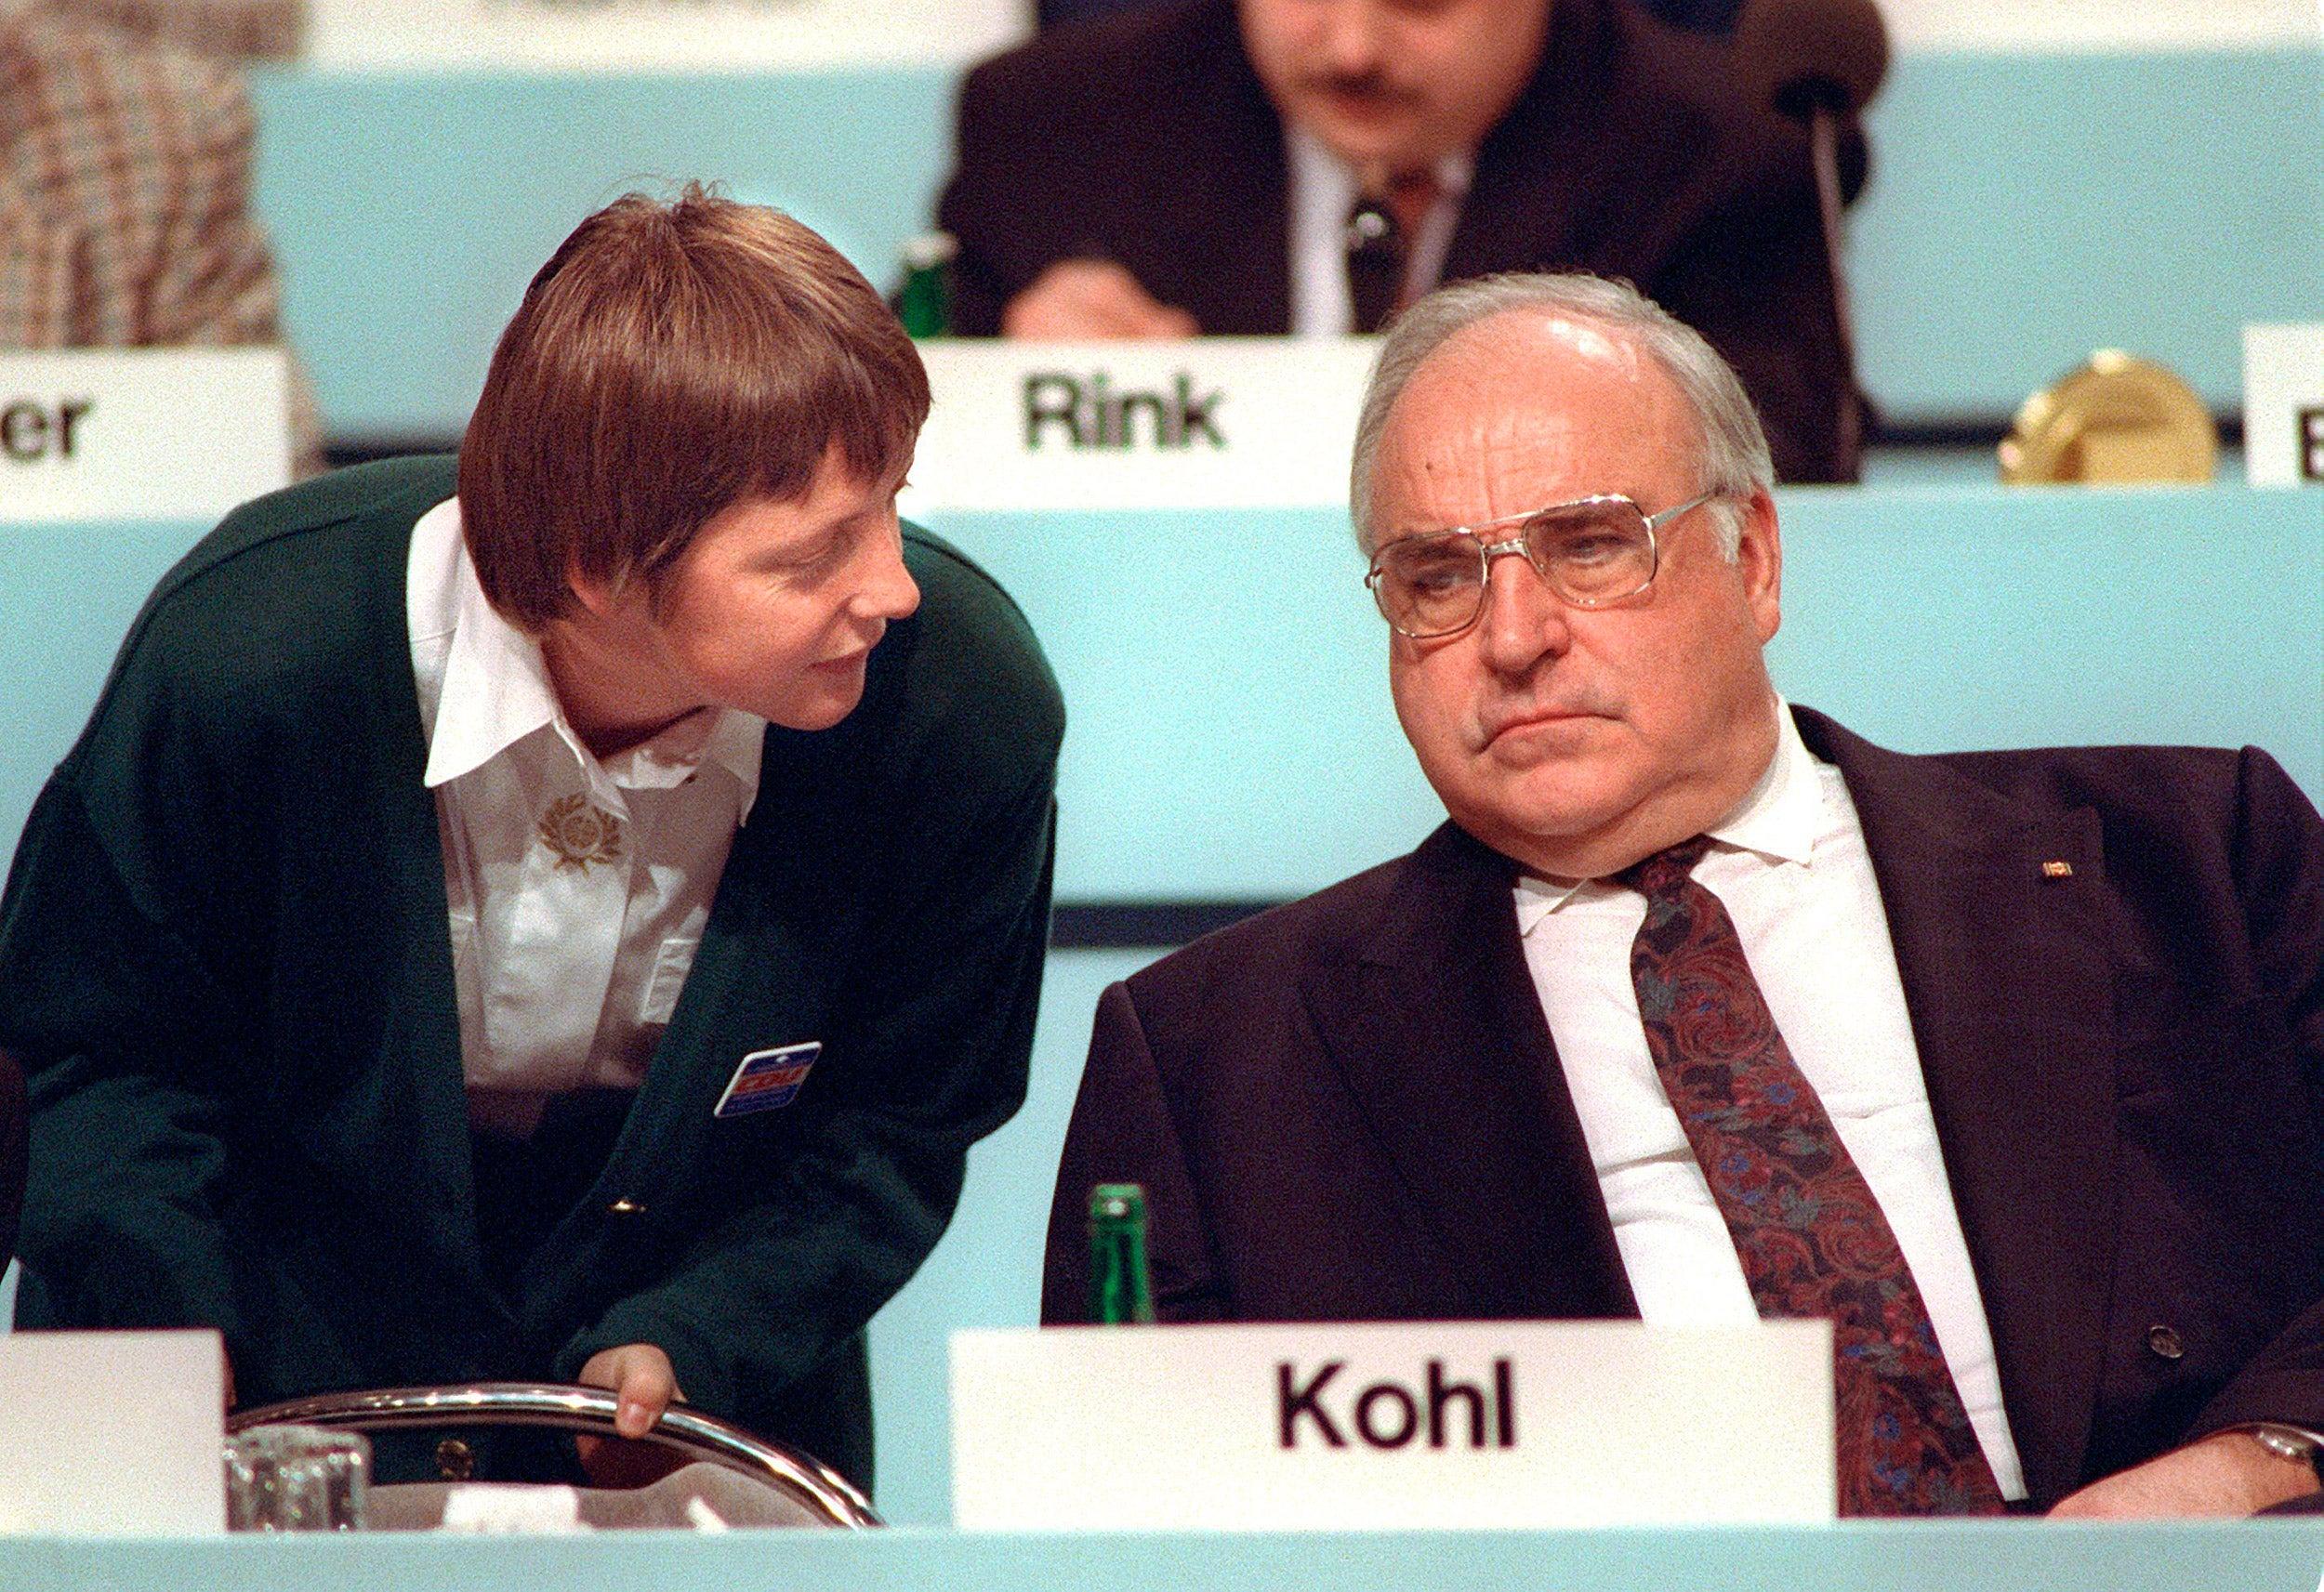 Angela Merkel talks to her mentor, Chancellor Helmut Kohl, in 1991.